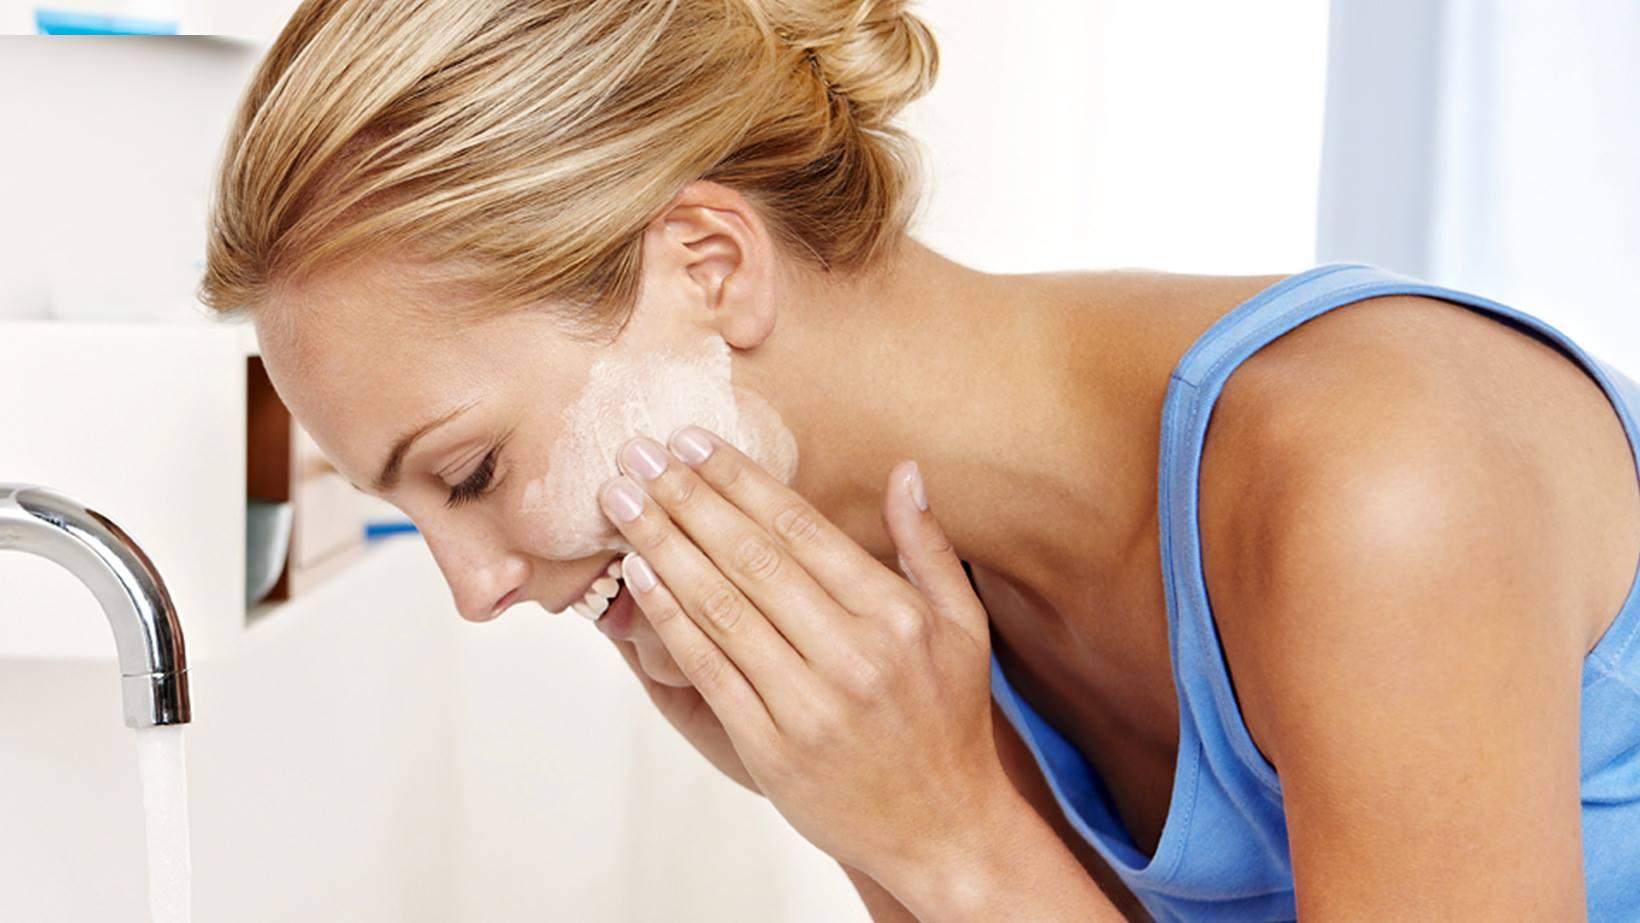 Уход за кожей тела: 6 правил для лета